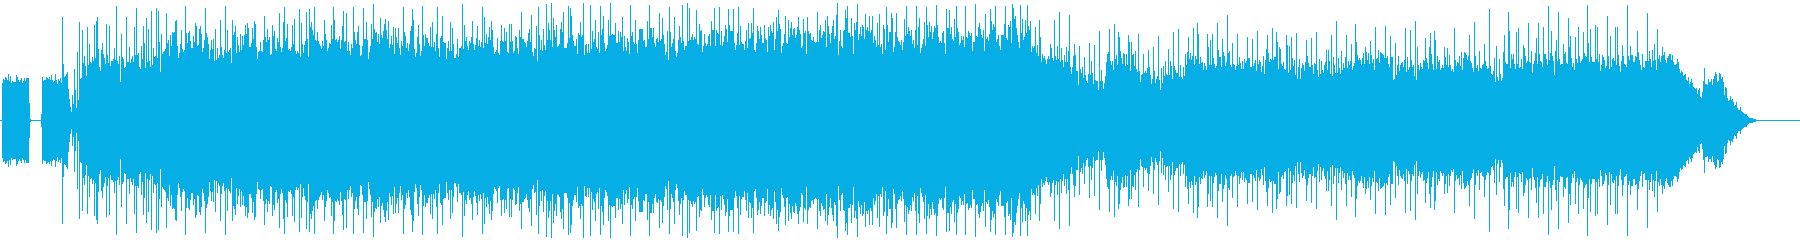 エネルギー。エレクトロウォリアーズ...の再生済みの波形